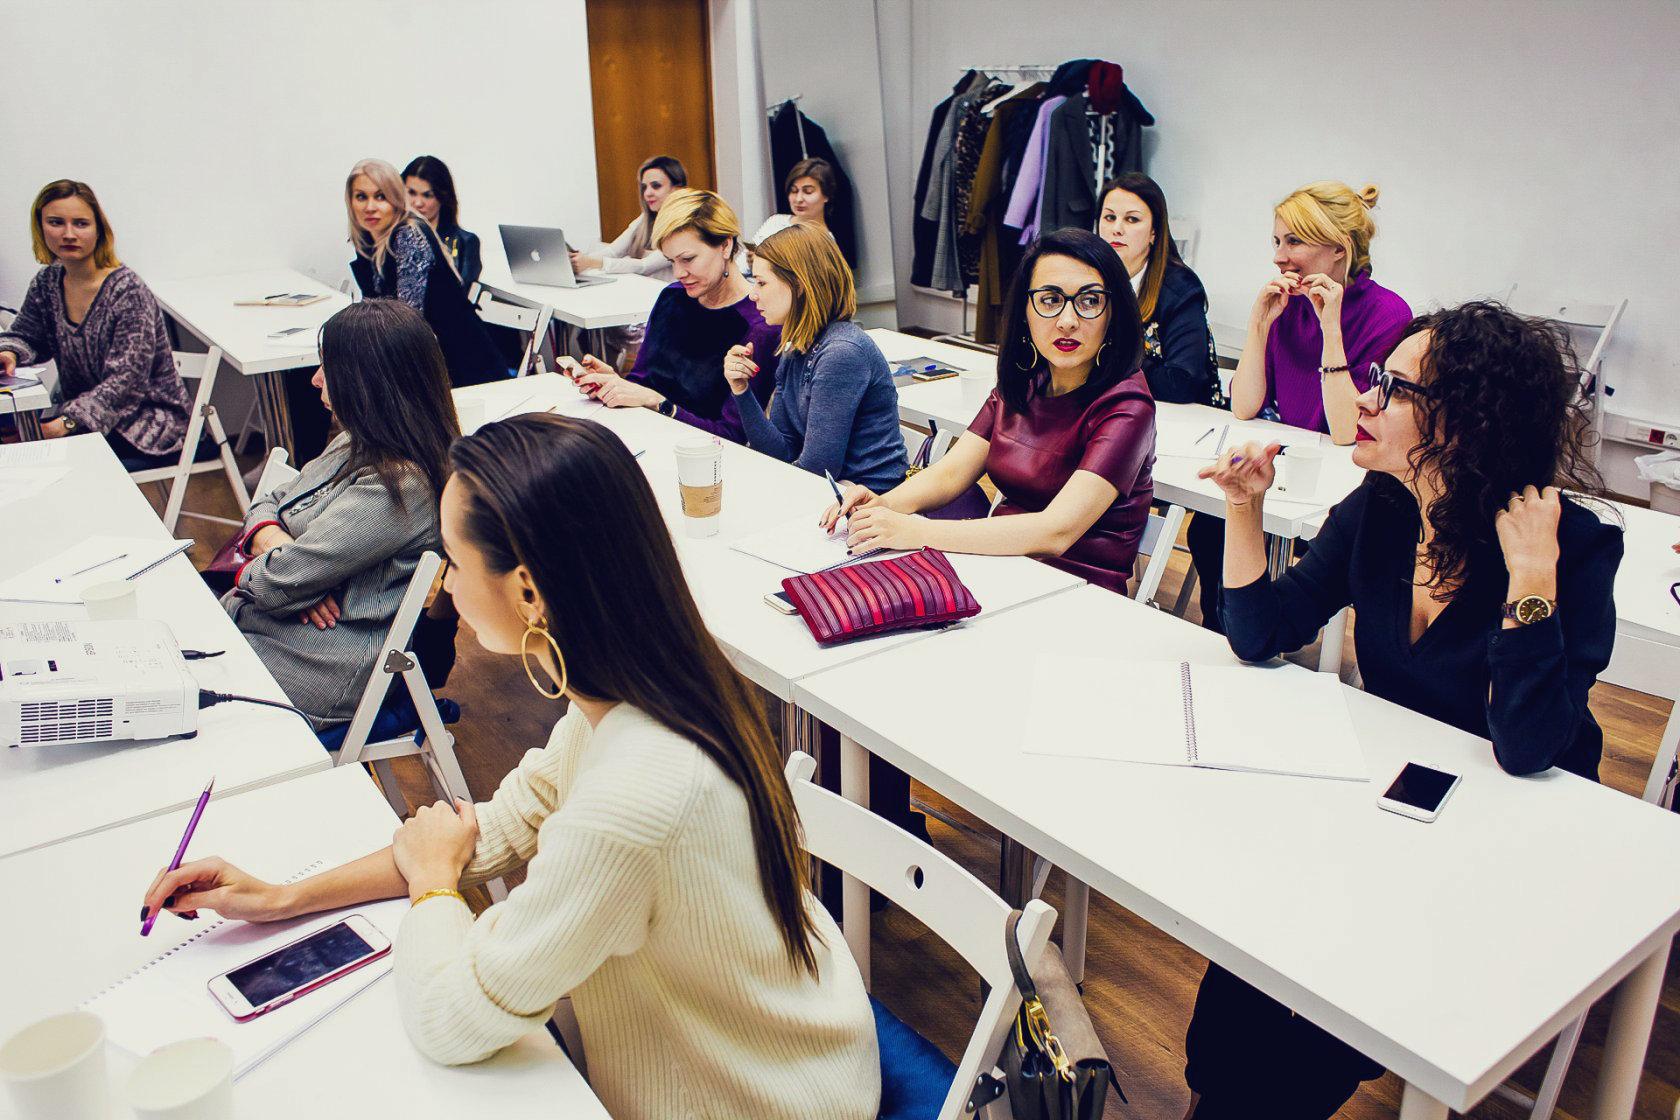 Ifa paris fashion design college 62